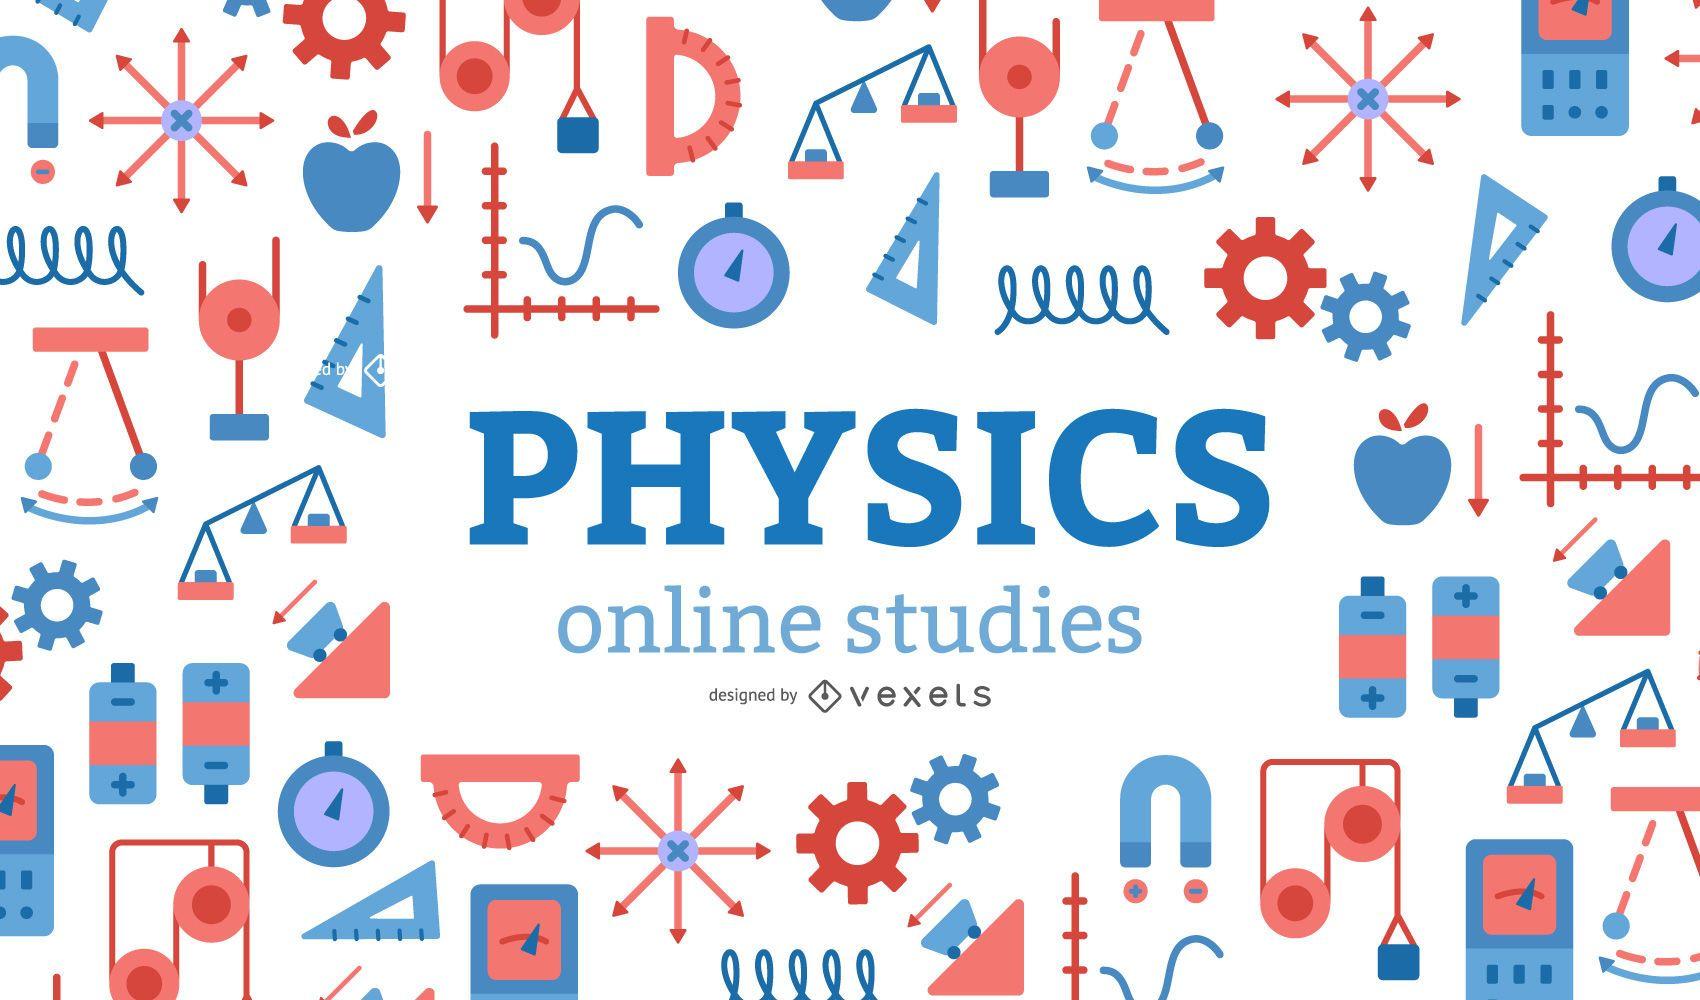 Physik Online-Studien decken Design ab